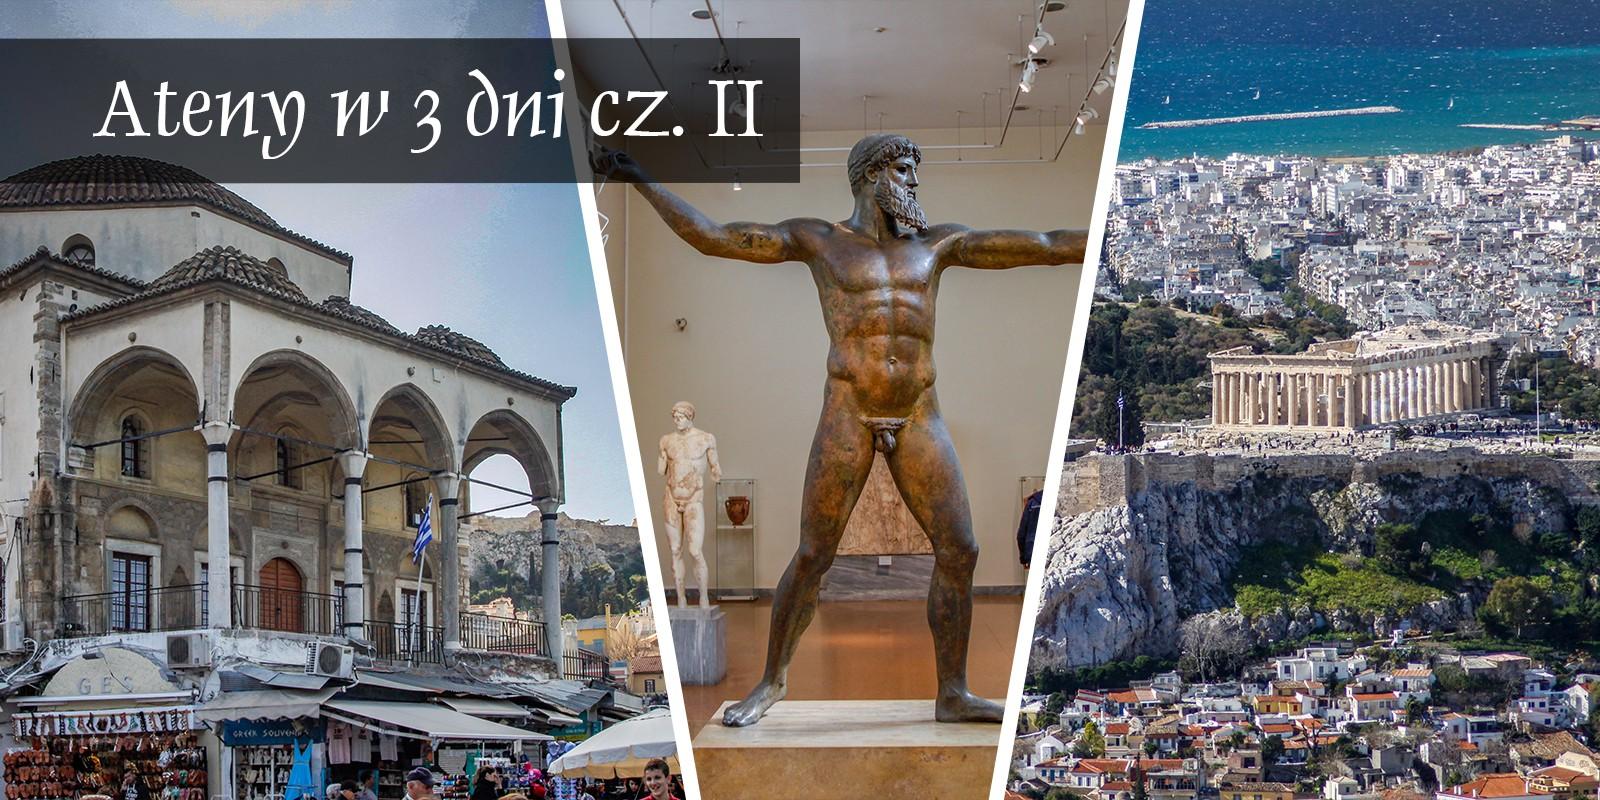 Ateny Atrakcje Zwiedzanie Loty Tanie Linie co Zobaczyć Muzea Widoki Widok